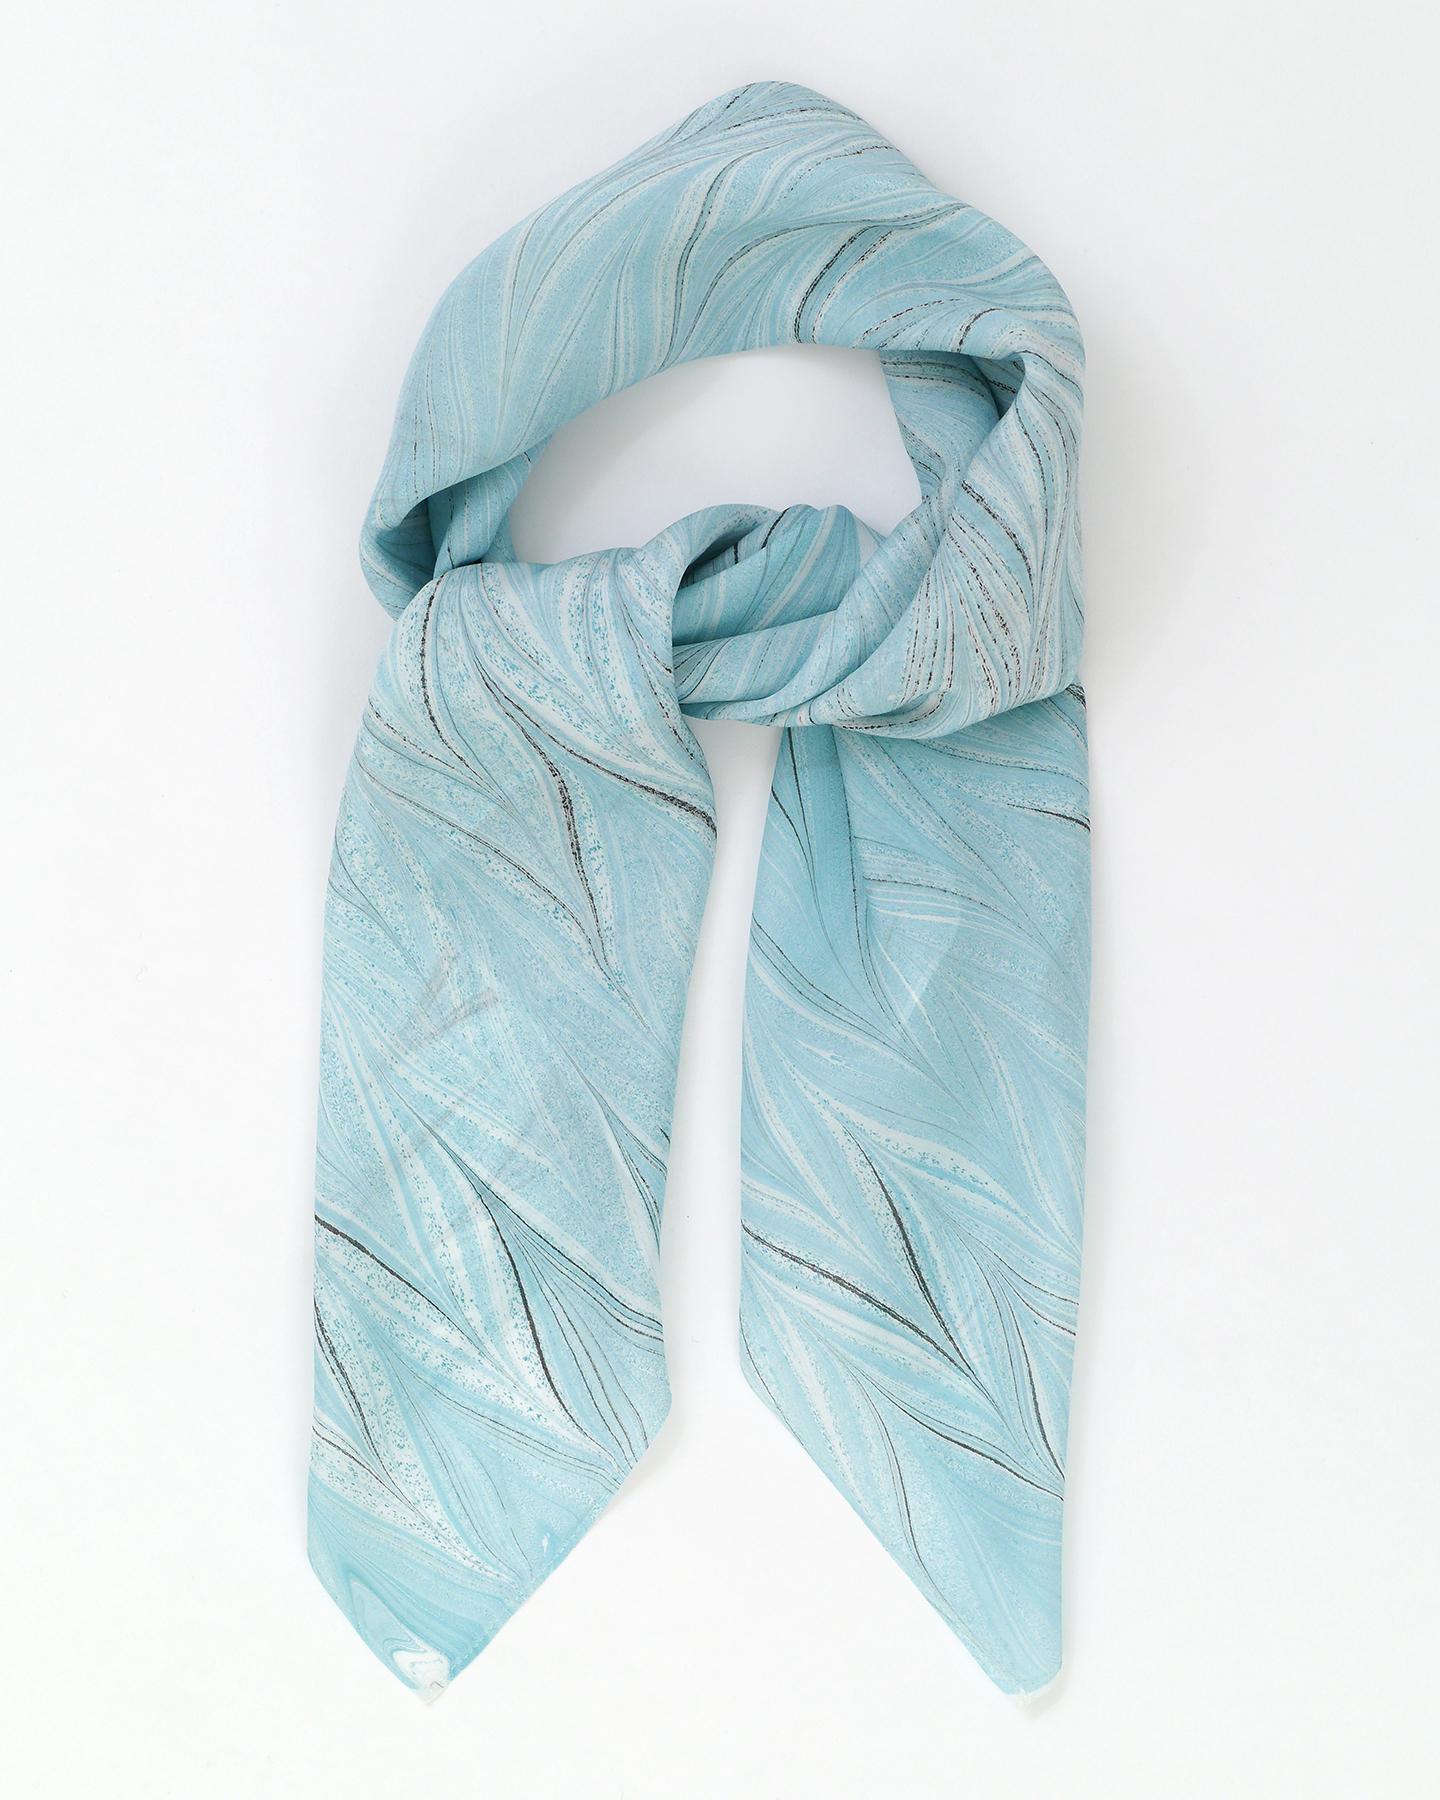 墨流しスカーフ/矢羽根